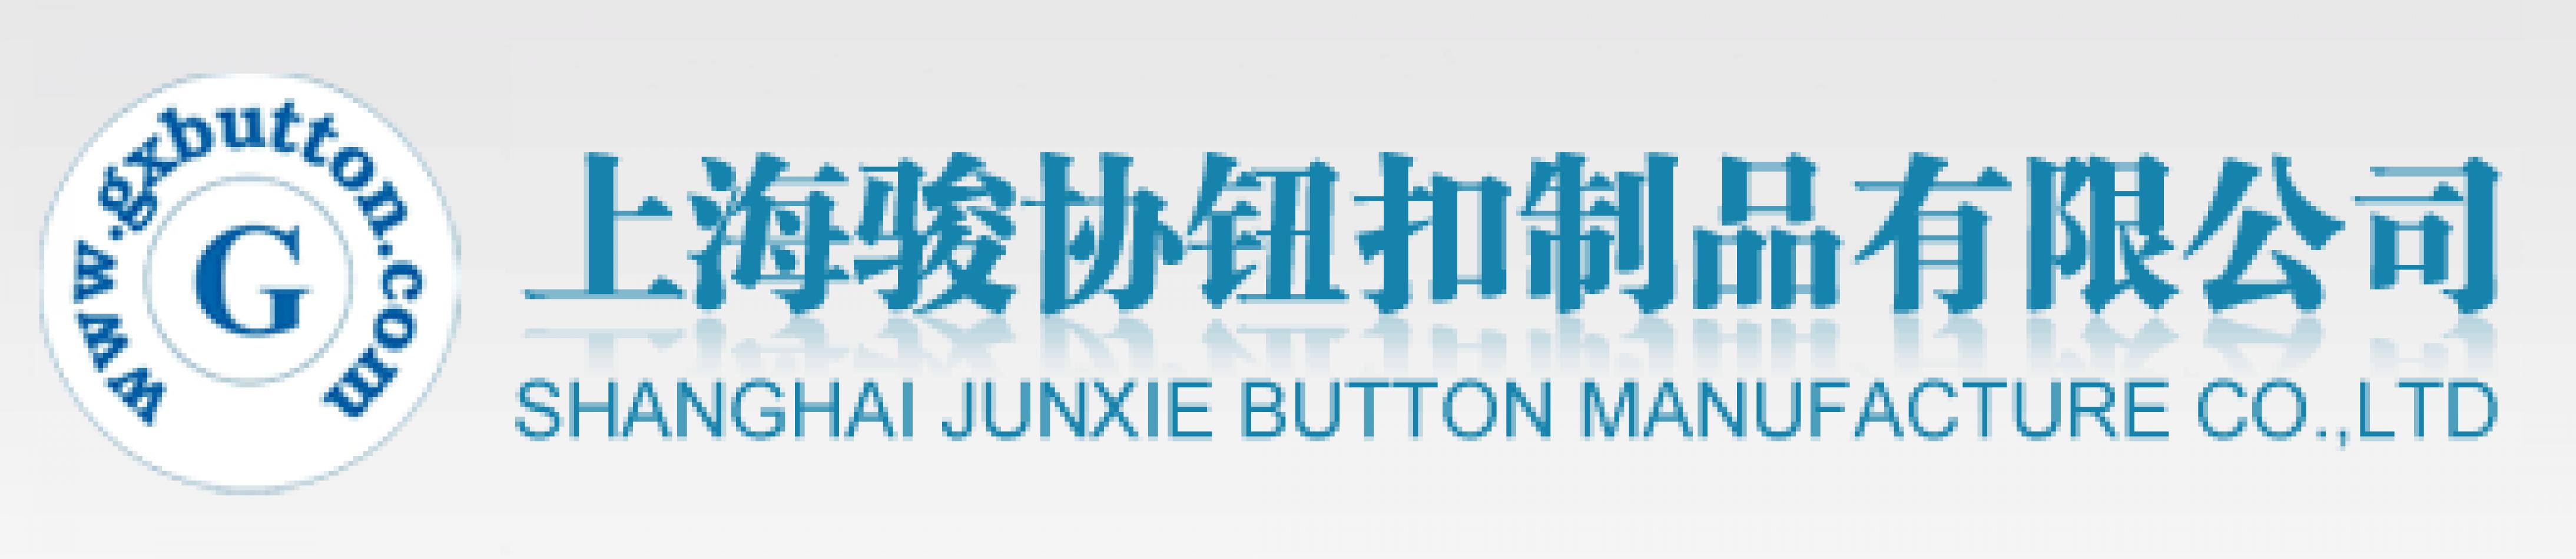 Shanghai junxie button products co., ltd